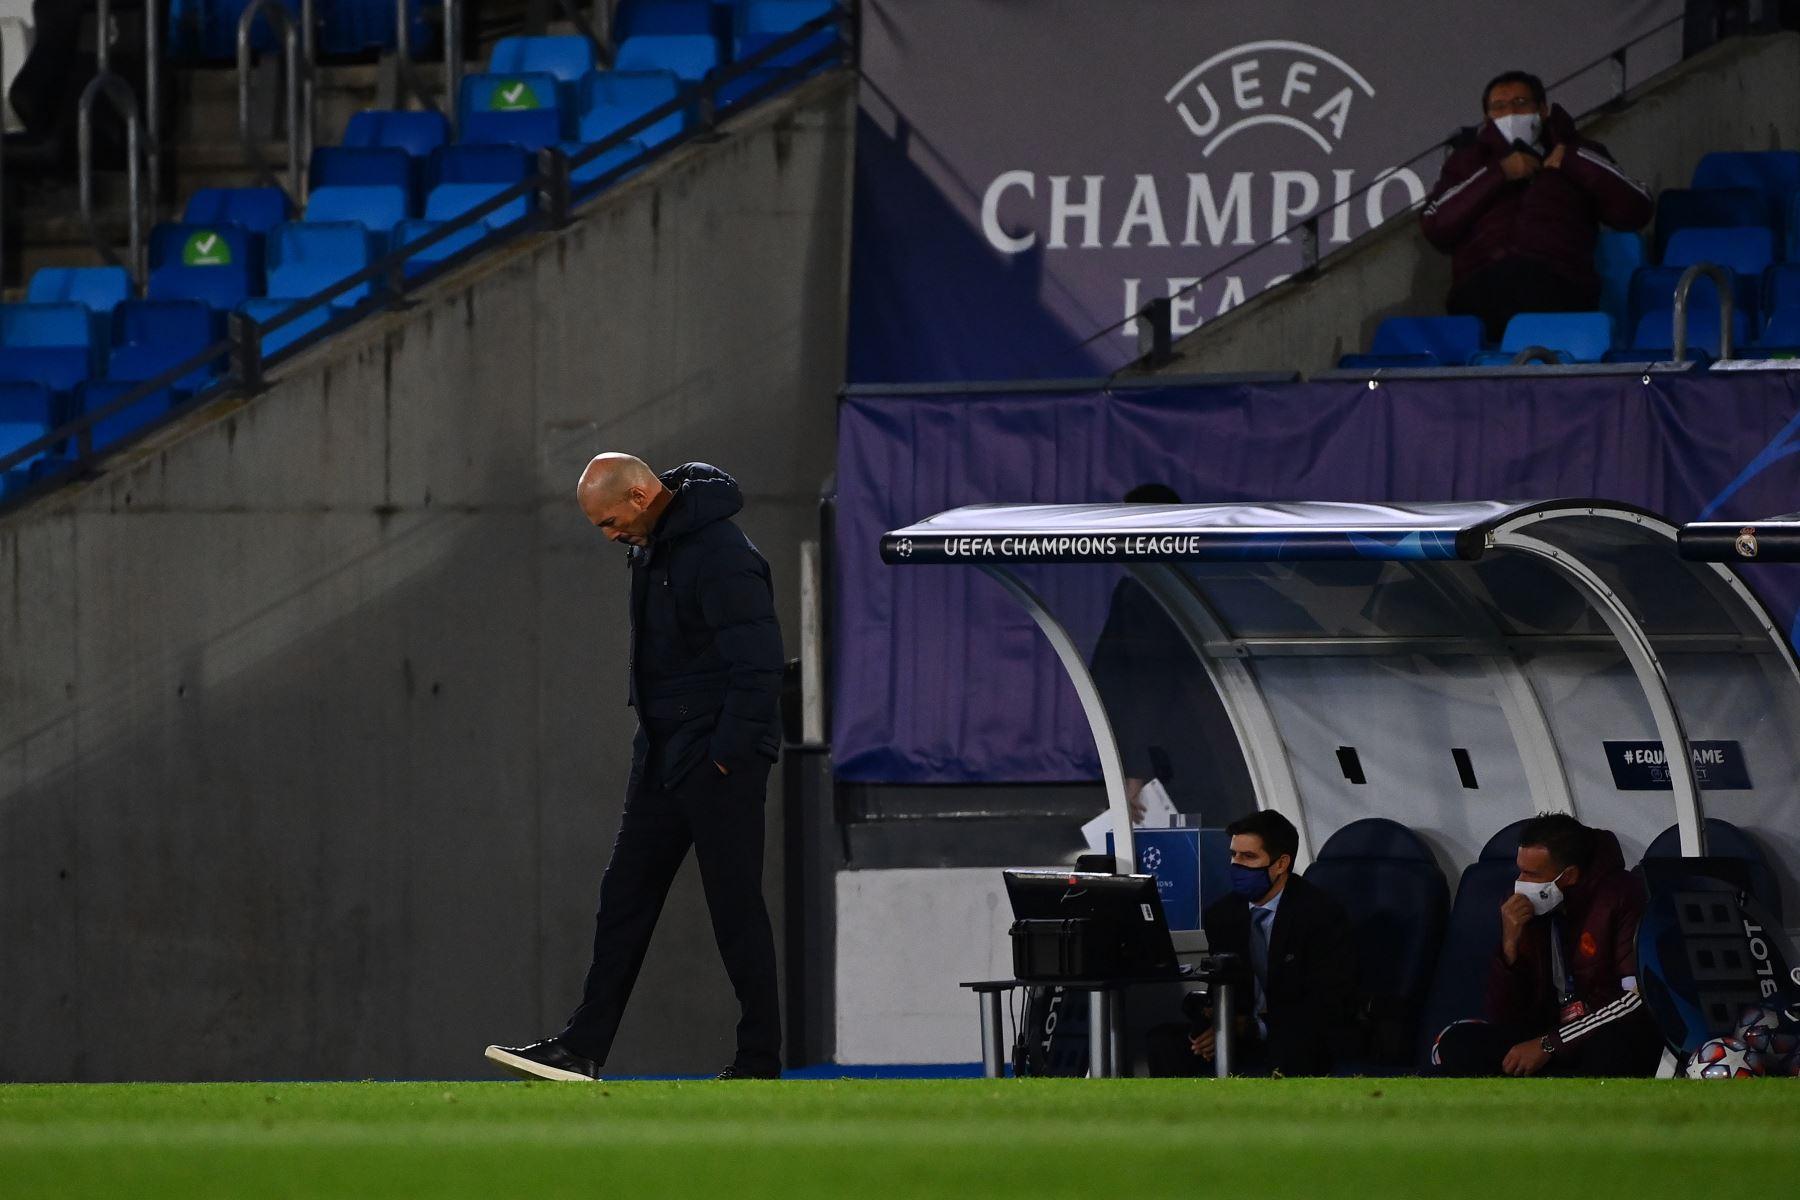 El entrenador francés del Real Madrid, Zinedine Zidane, reacciona durante el partido de fútbol del grupo B de la Liga de Campeones de la UEFA. Foto: AFP